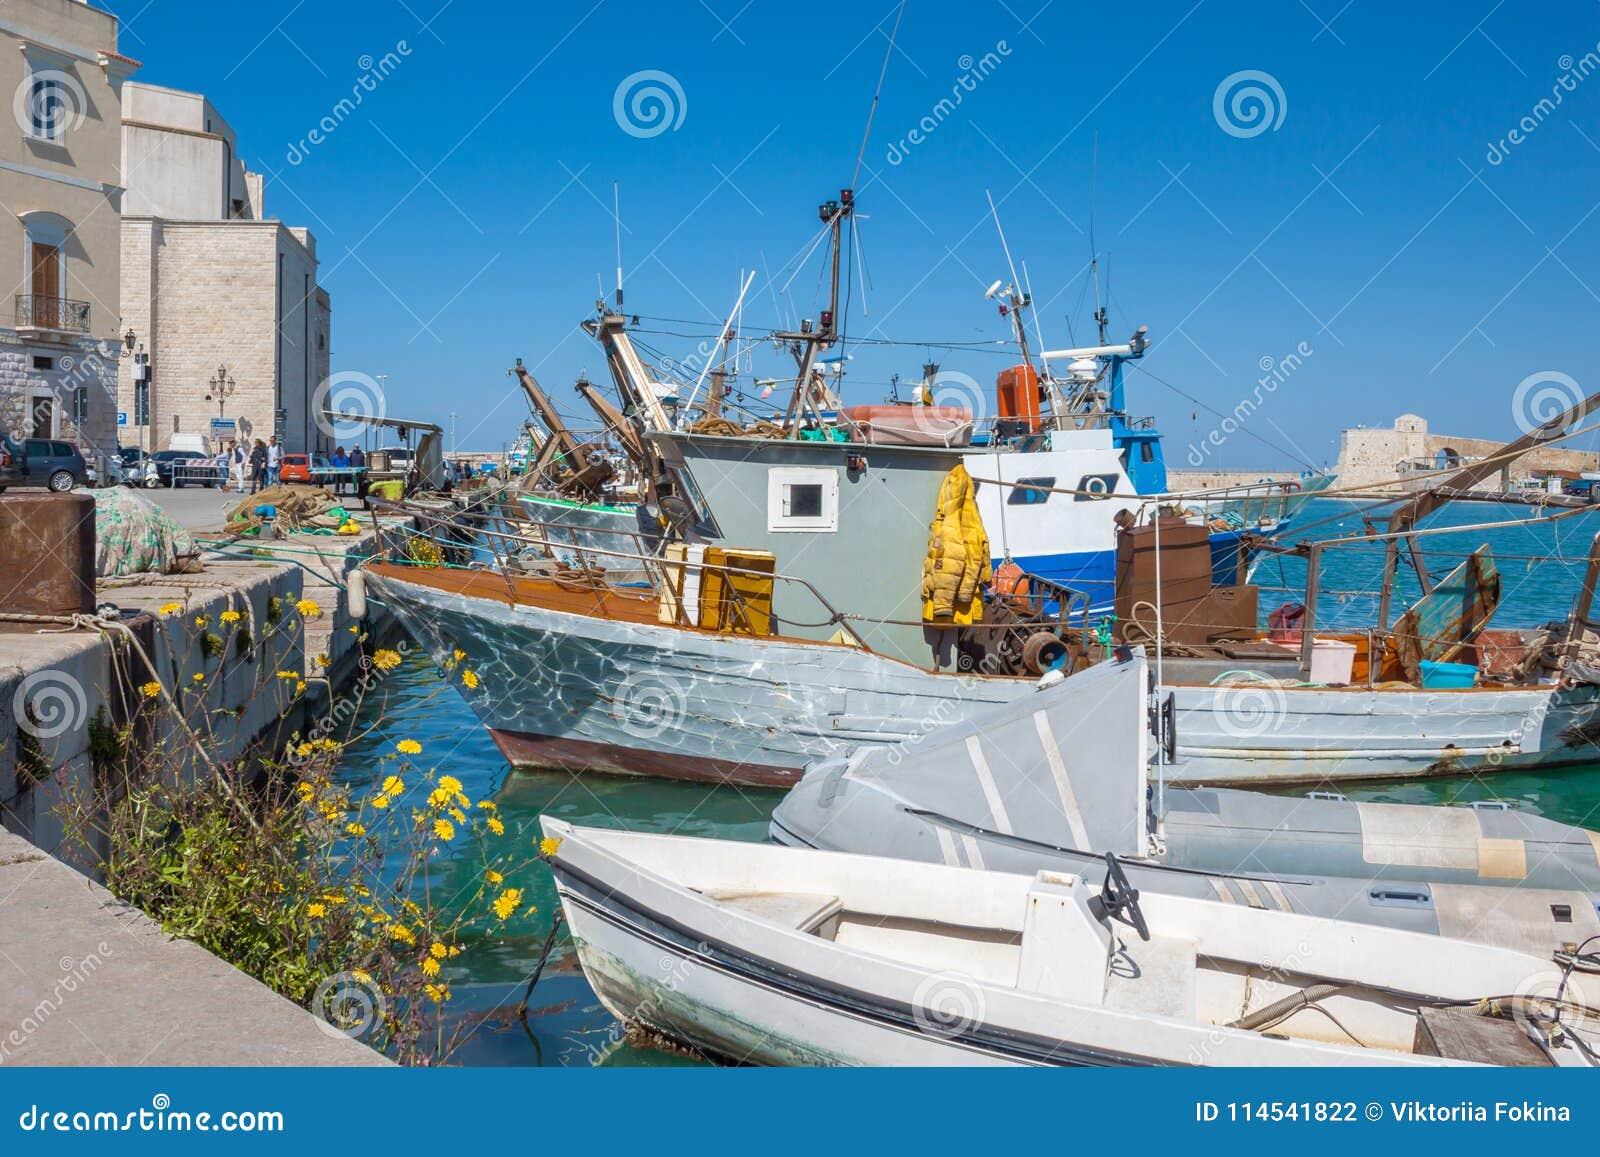 El barco de pesca viejo parqueó en el puerto italiano de la ciudad